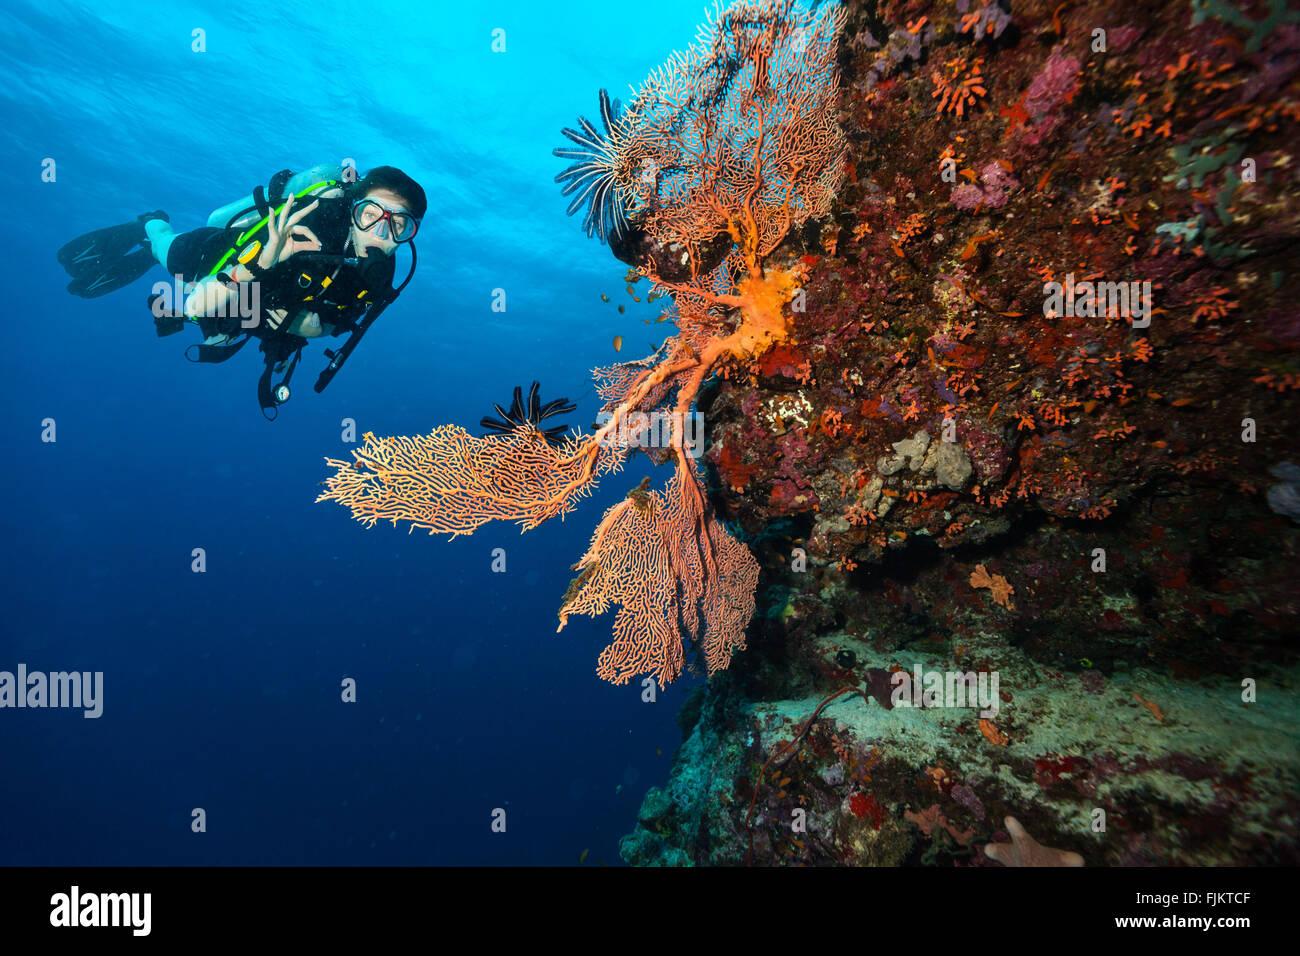 Taucher entdecken ein Korallenriff zeigt ok Sign. Stockbild